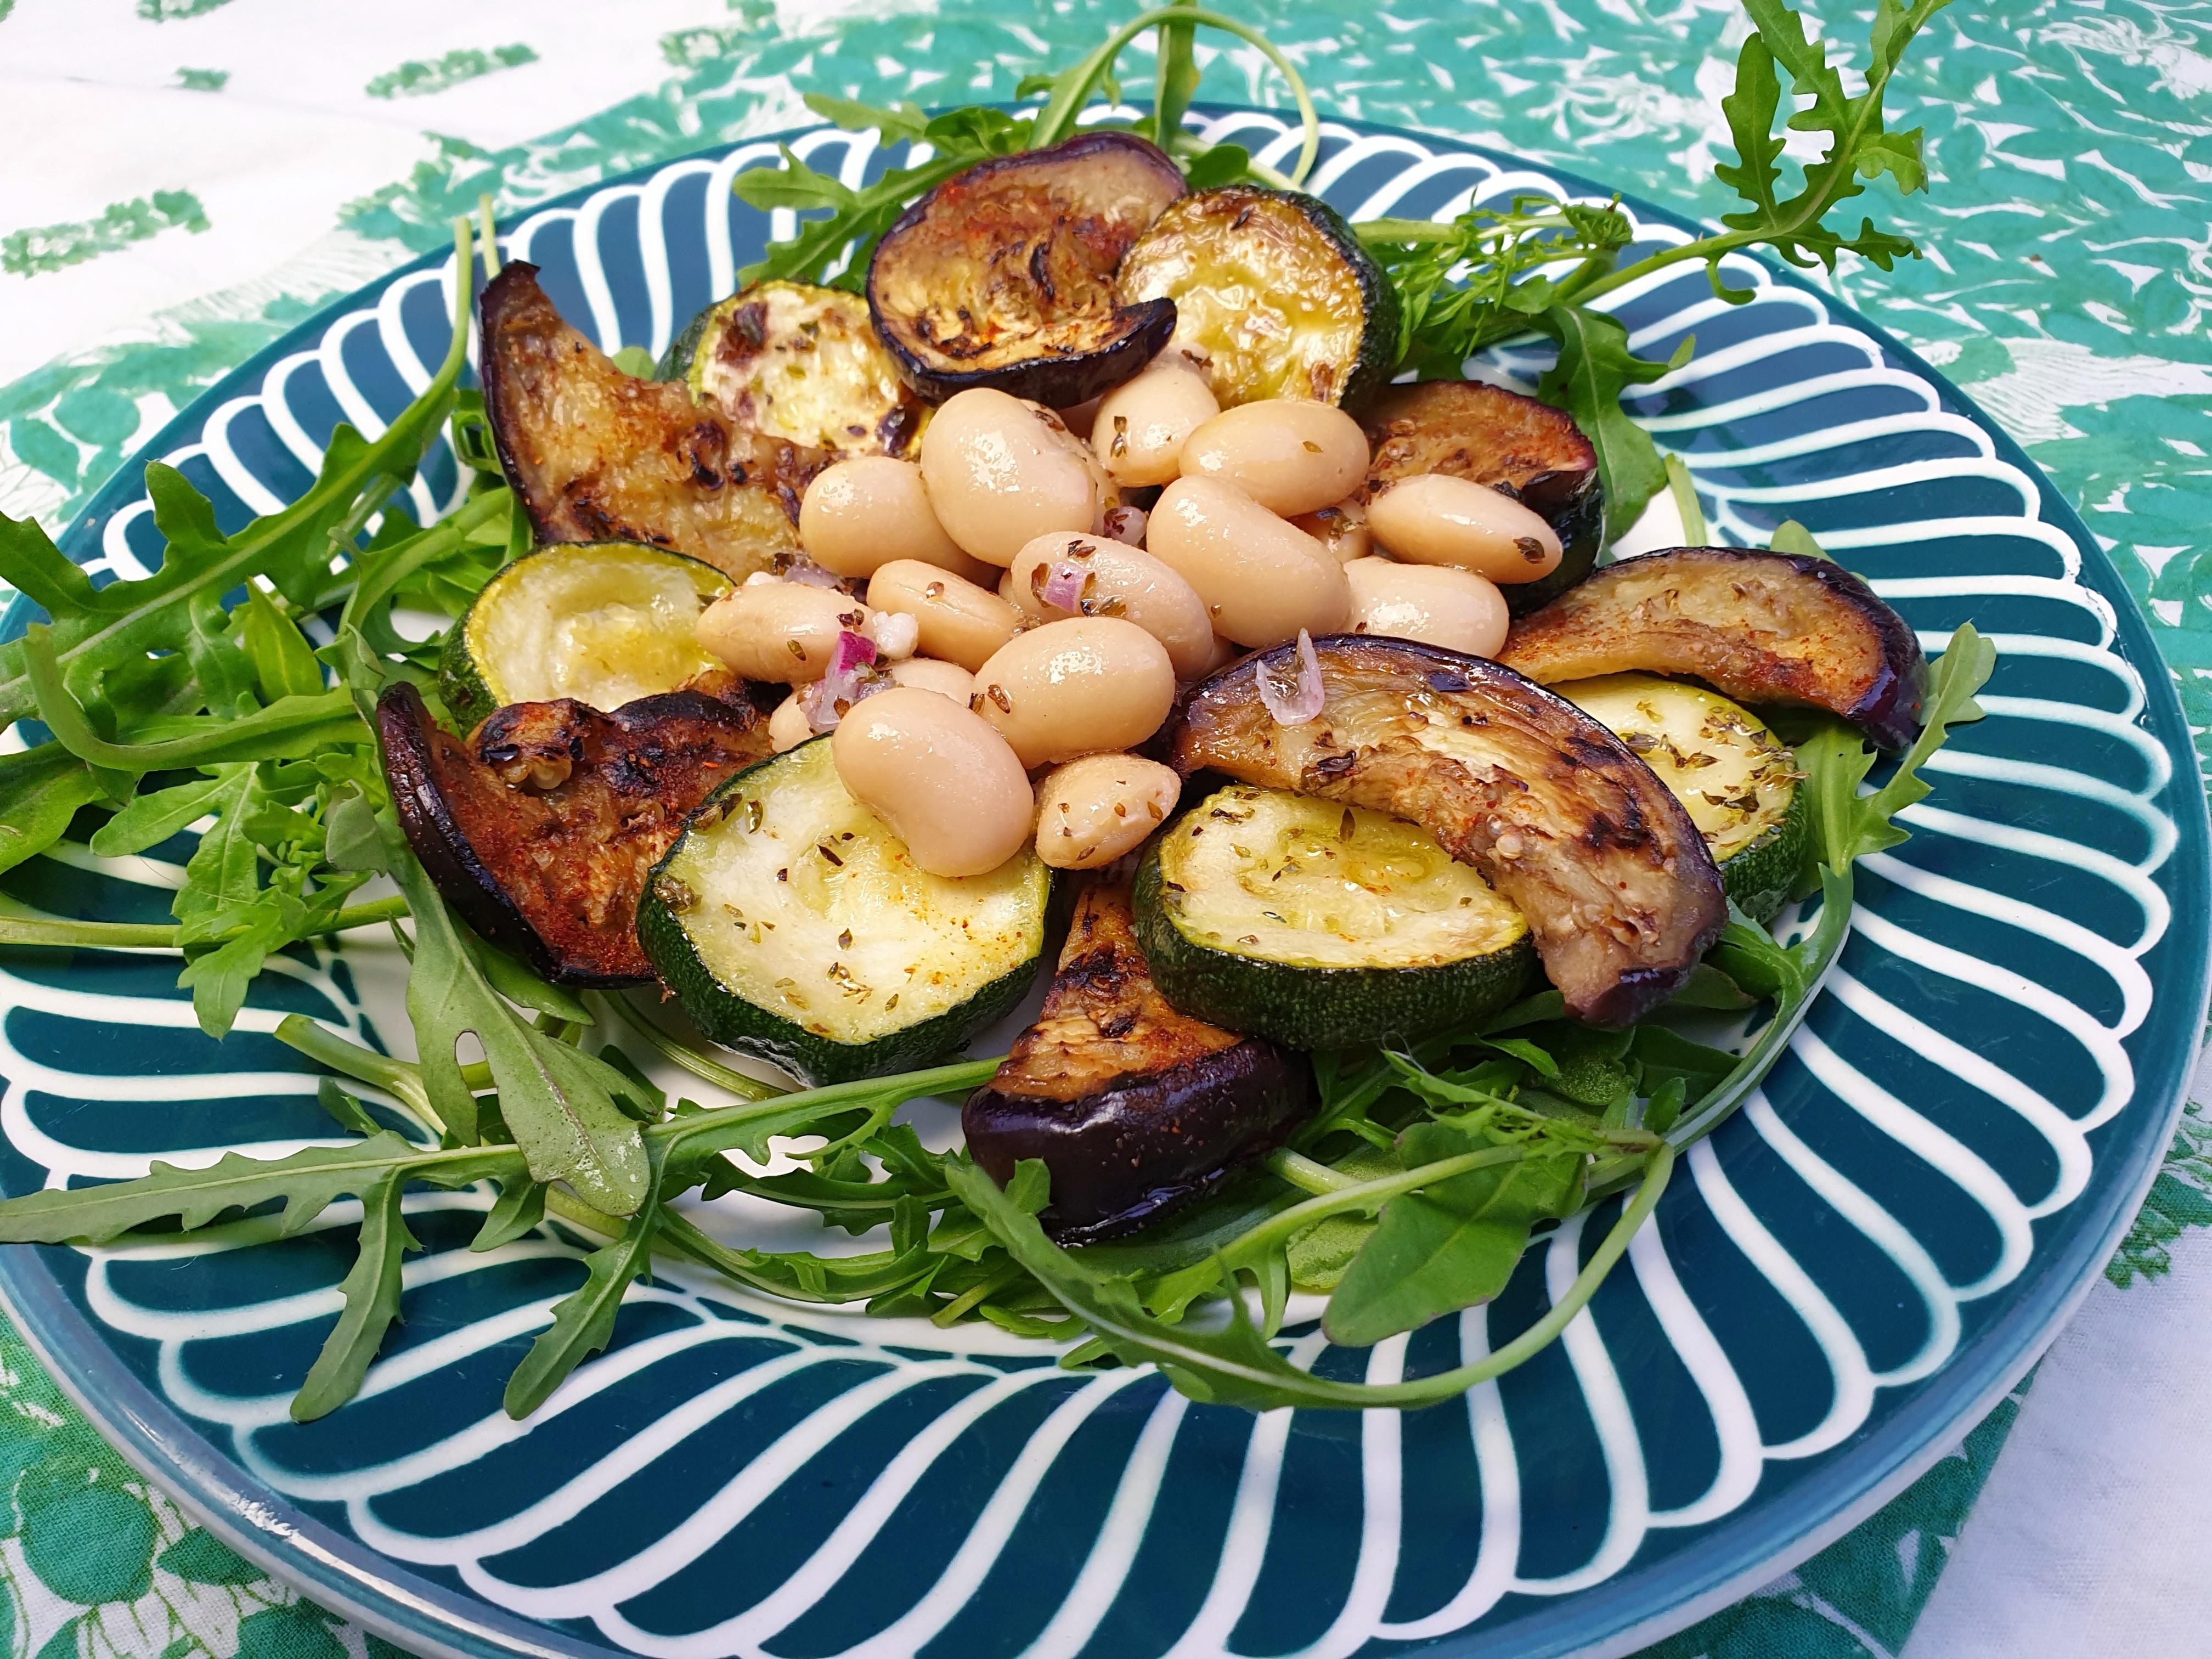 Uitgelichte foto voor het bericht Bonensalade met aubergine, courgette en rucola